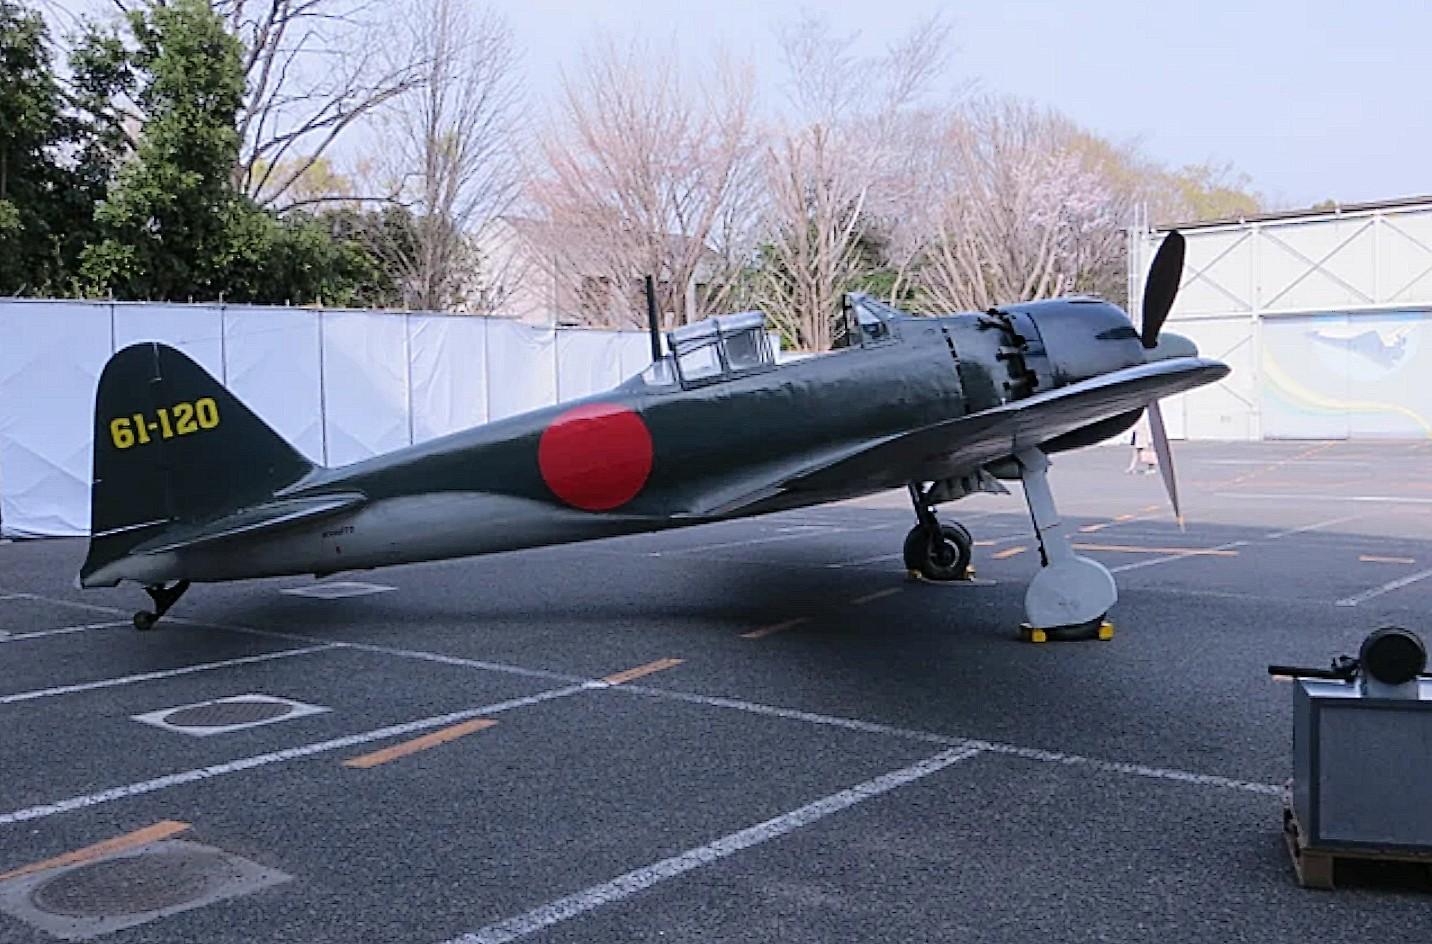 「オレの運命を変えるGC10スカイランを作った飛行機メーカーのエンジニアは一千馬力エンジンに青春をかけた中川良一さんだった【清水和夫のクルマたちよこんにちは Vol.2】」の6枚目の画像